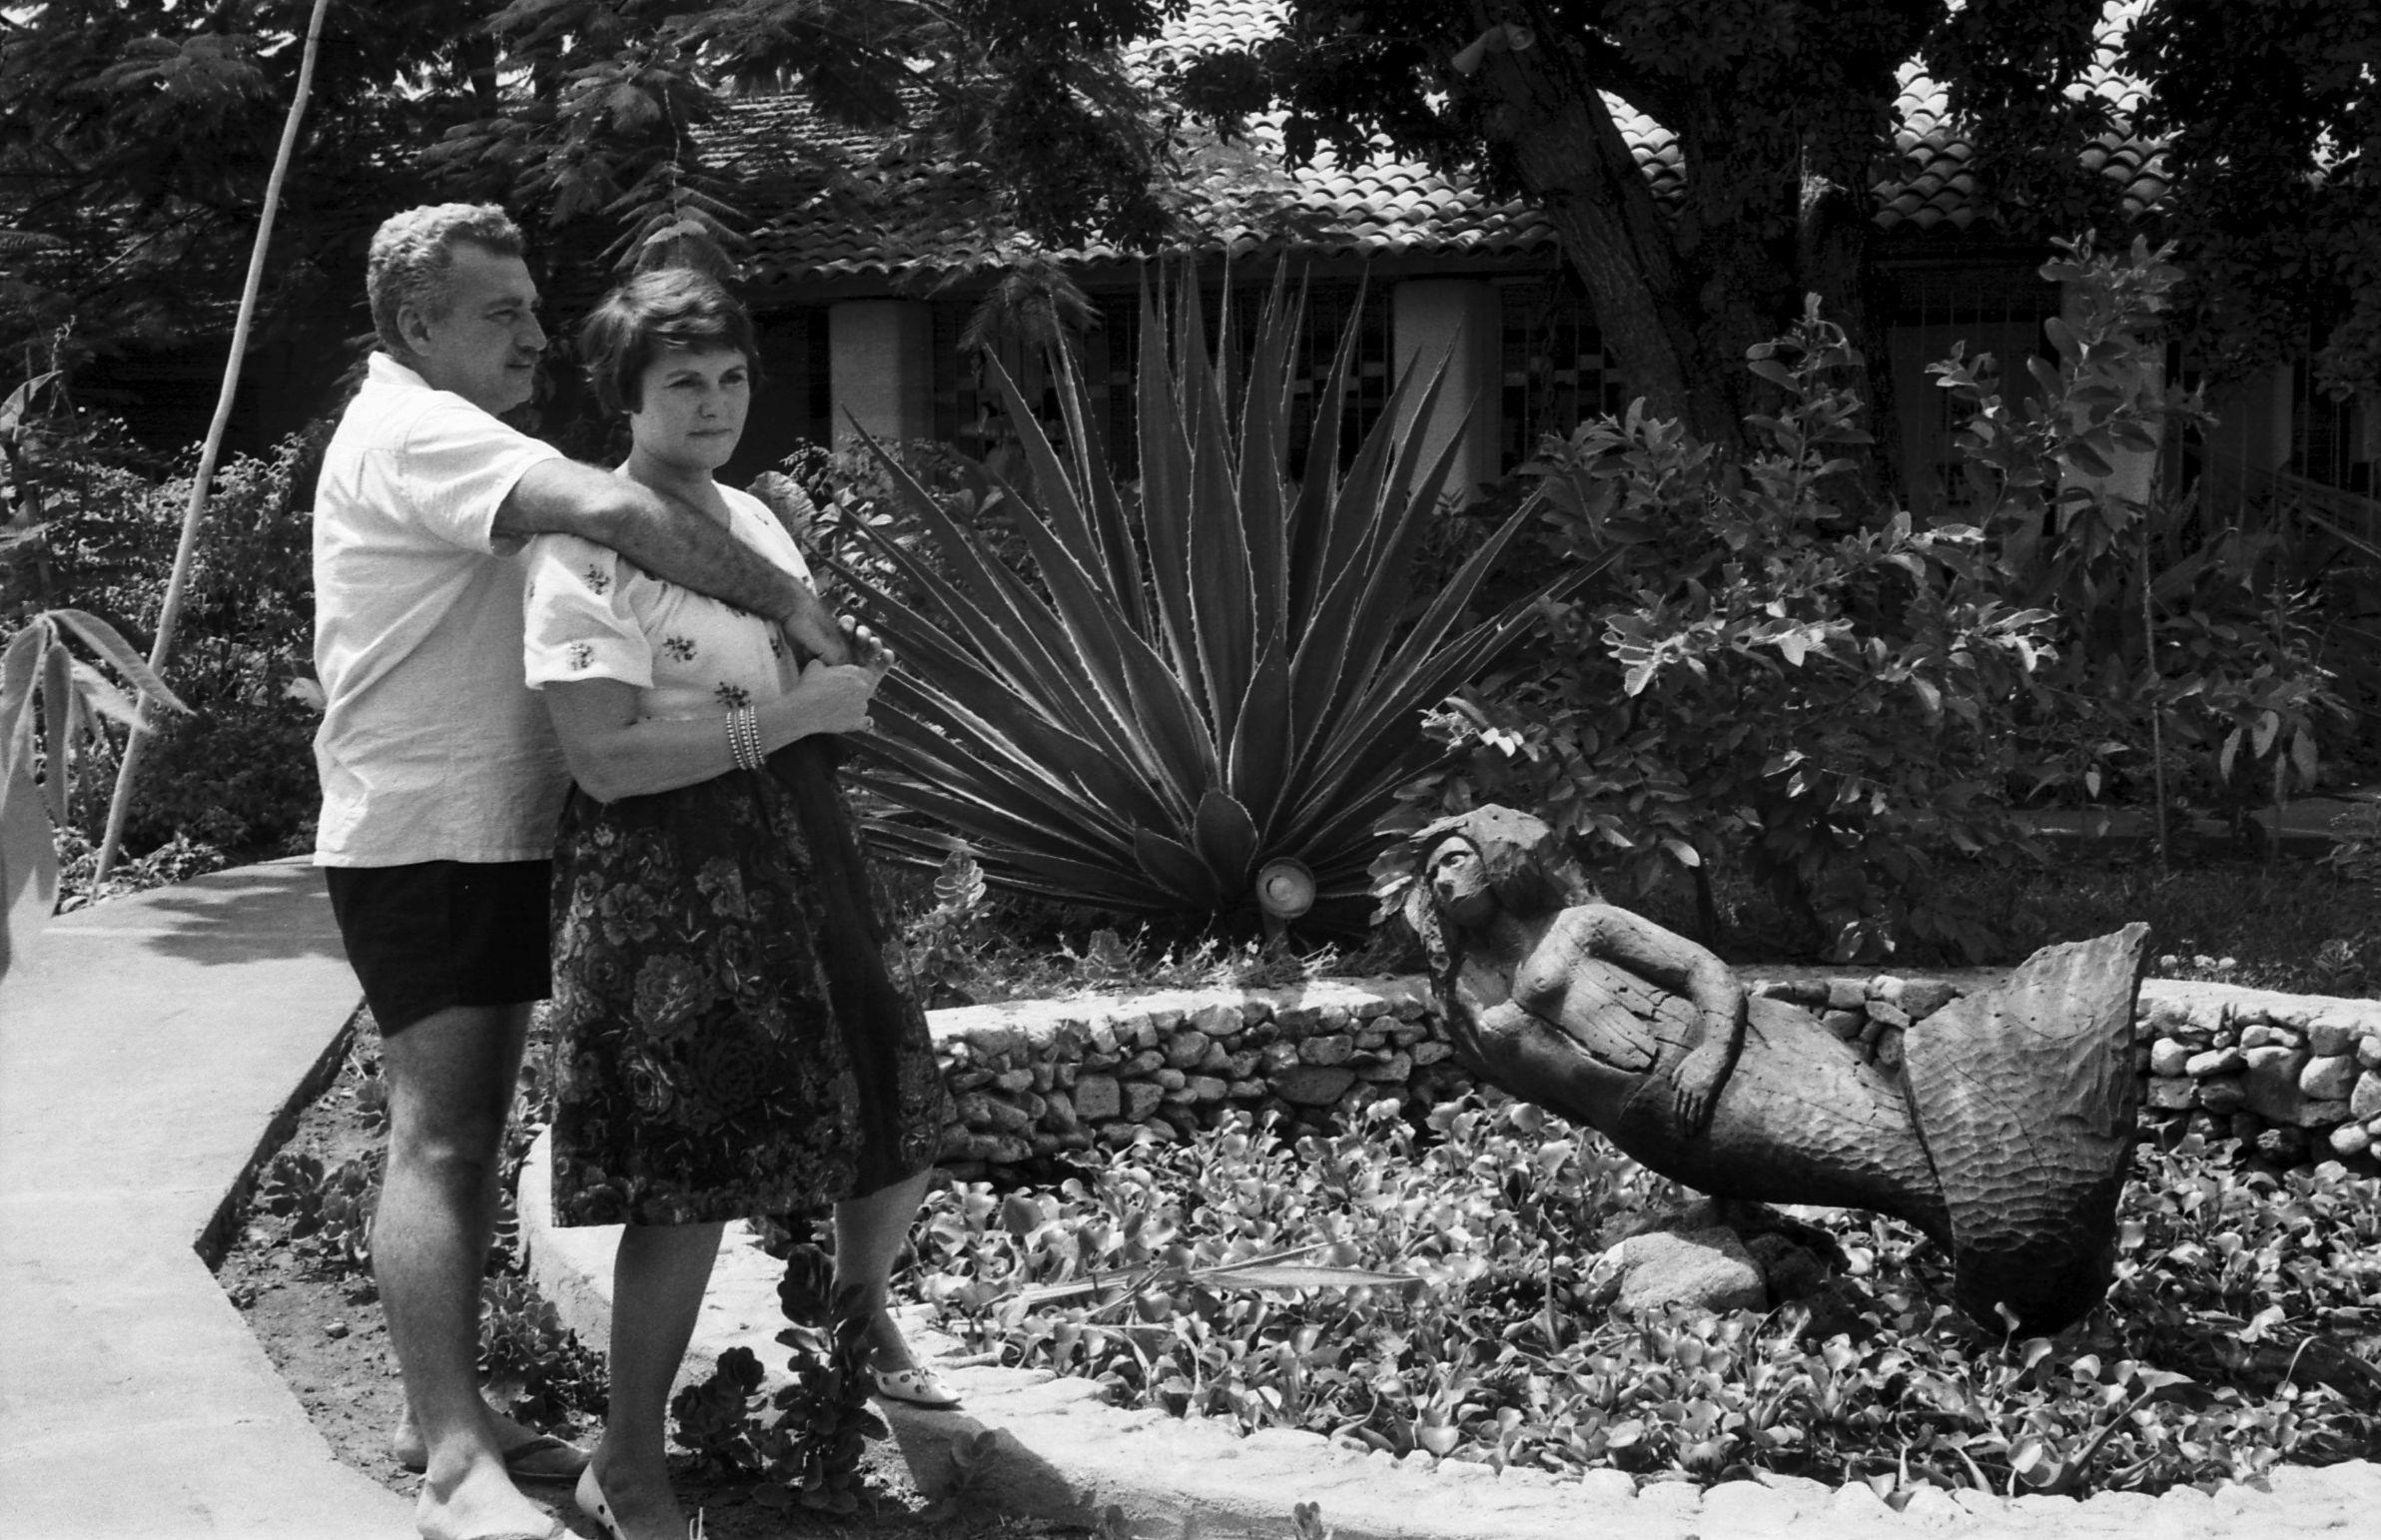 Jorge e Zélia no início da vida na Bahia em frente ao lagocom seria esculpida por Mario Cravo. CRV 1964 (3)